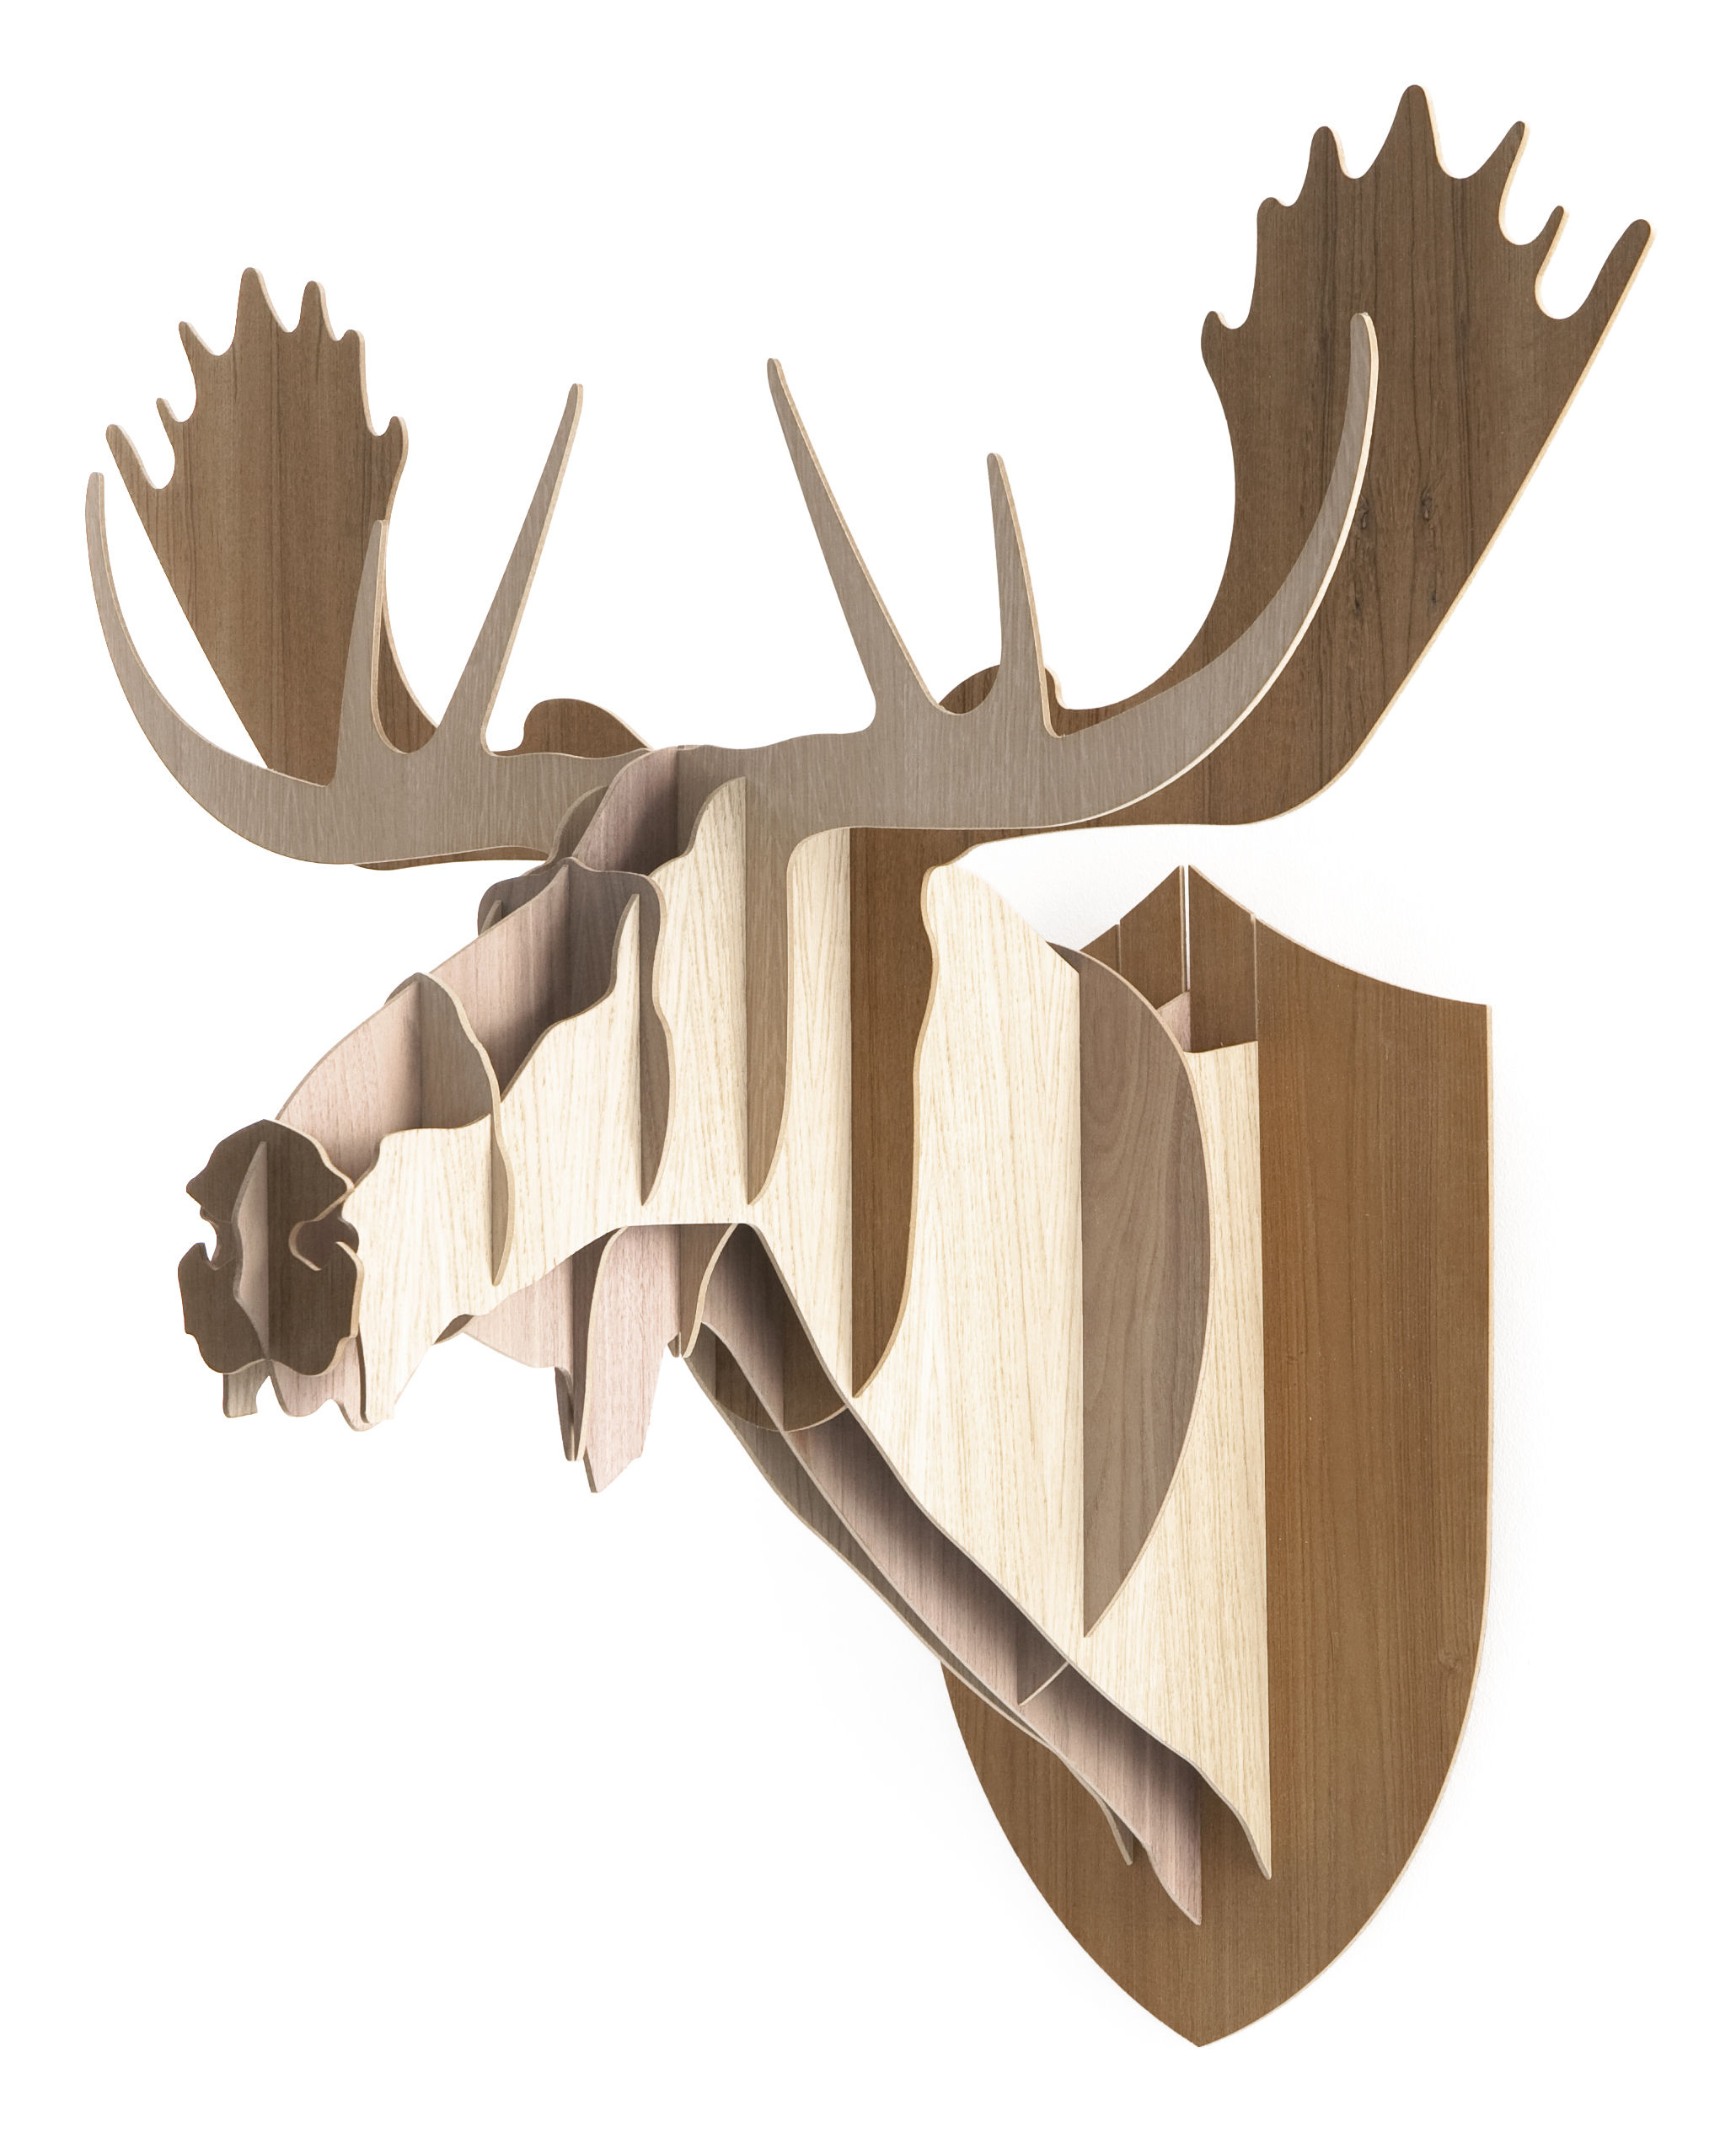 Dekoration - Spaßig und ausgefallen - Trophäe H 86 cm - dreifarbige Version - Moustache - H 86 cm - 3 Holznuancen - Eiche, Nussbaum, Teakholz